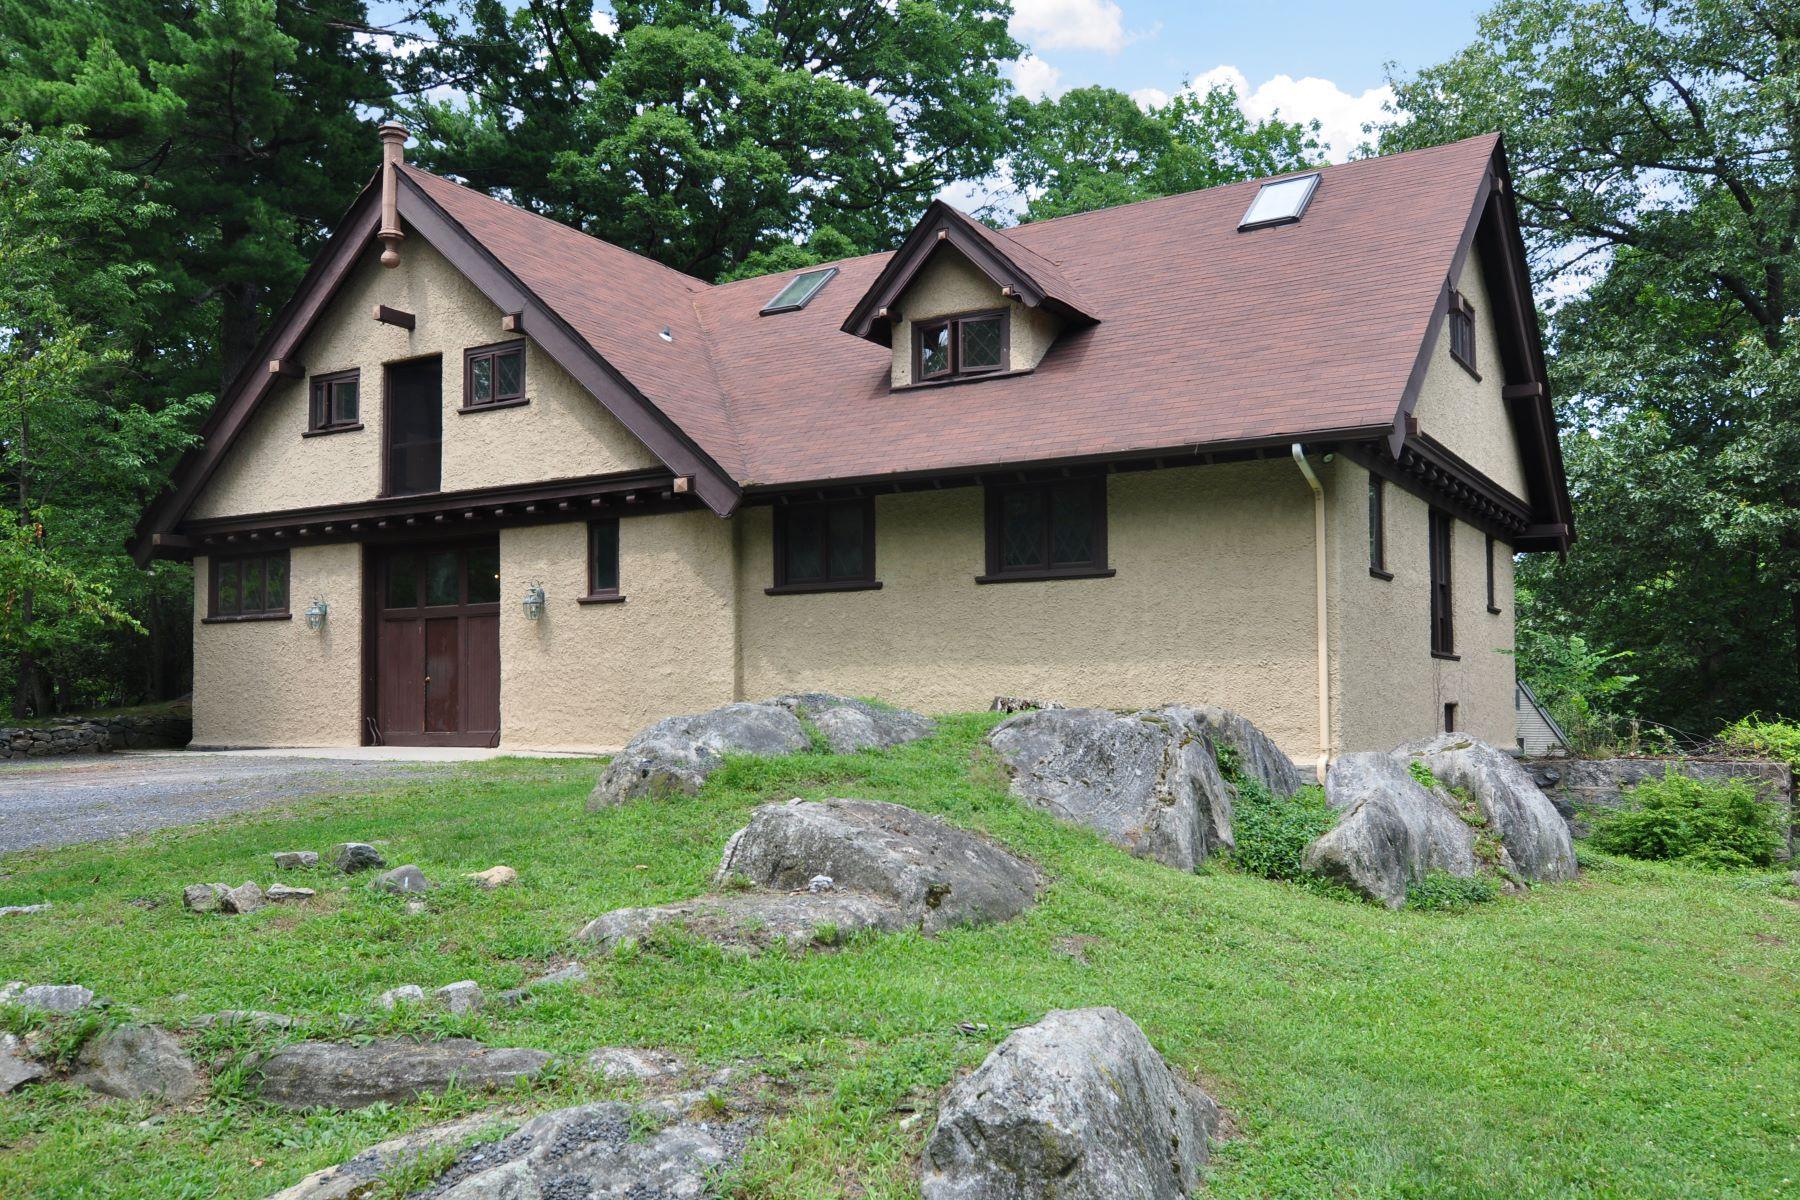 多户住宅 为 销售 在 Own a Piece of History! 1 Castle Road, 欧文顿, 纽约州, 10533 美国